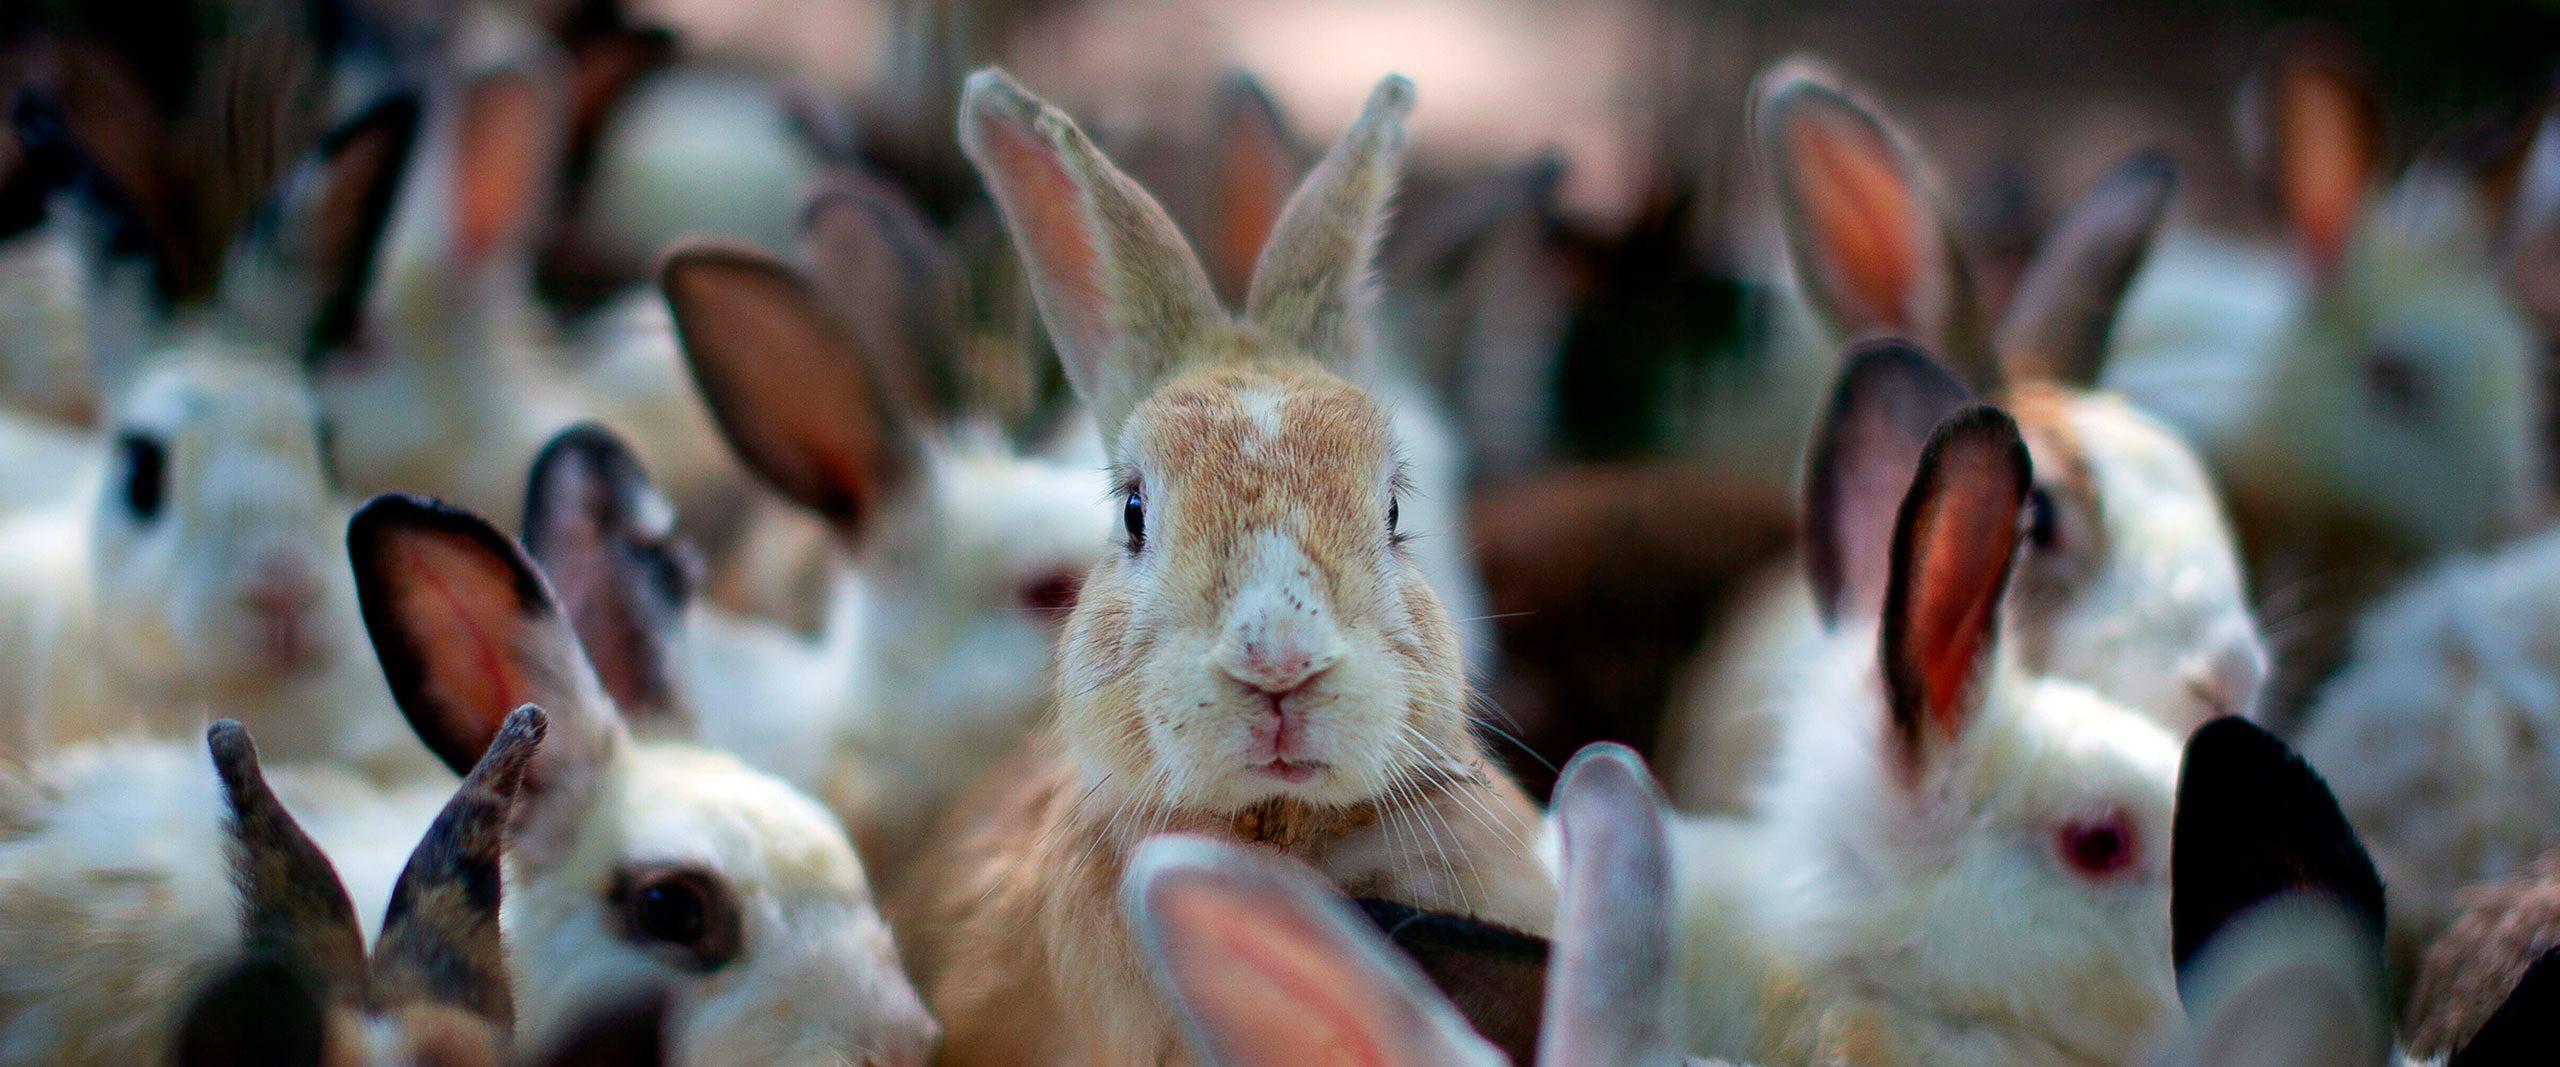 Europa Más Cerca De Prohibir Las Jaulas En La Cría De Conejos Igualdad Animal